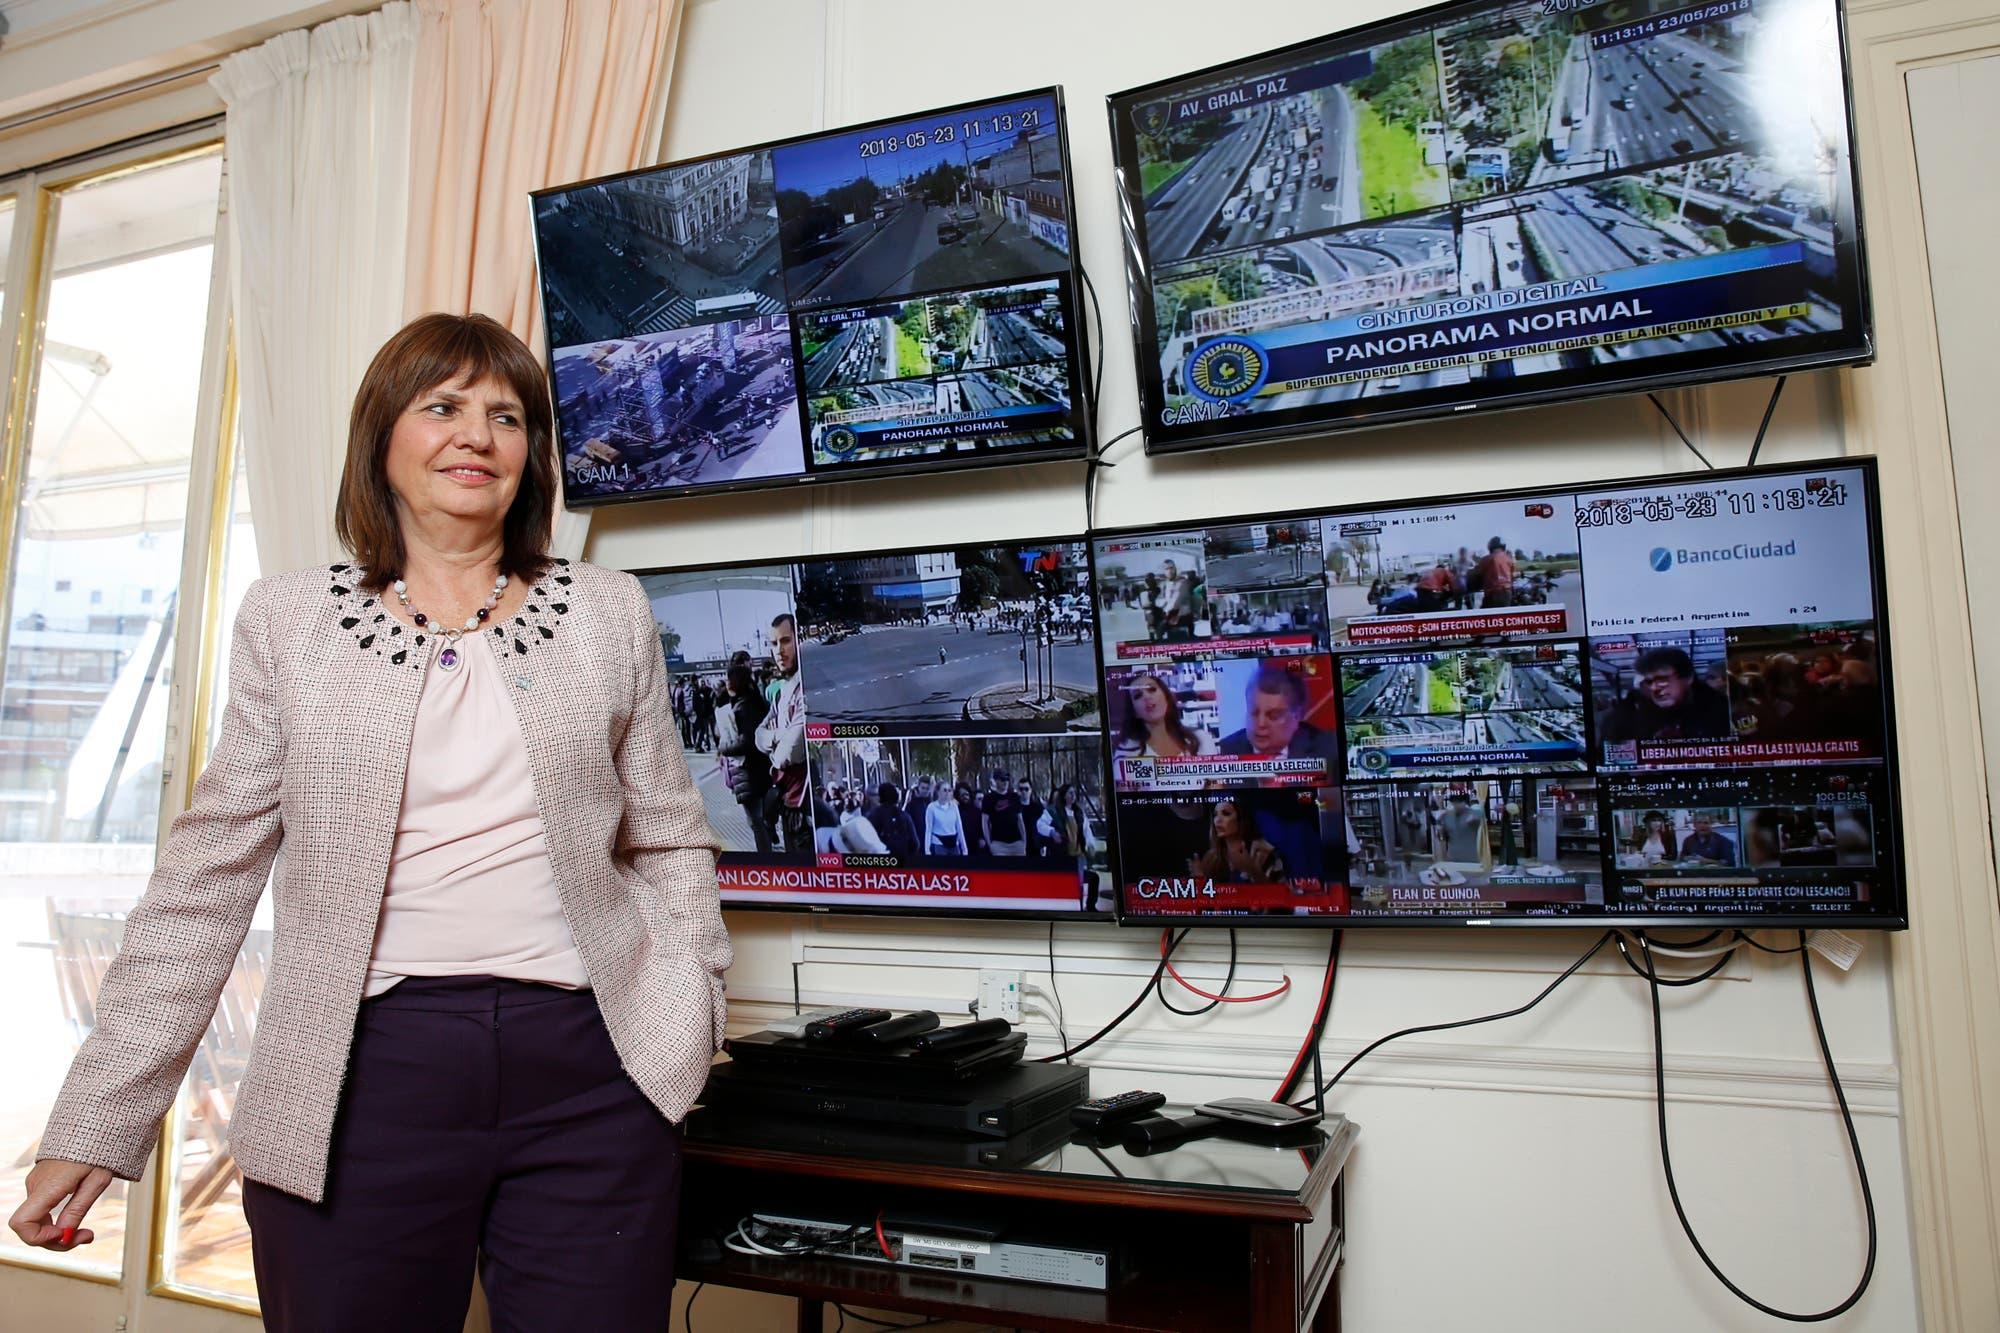 La Justicia porteña declaró inconstitucional el protocolo policial y ordenó que la Ciudad no se adhiera